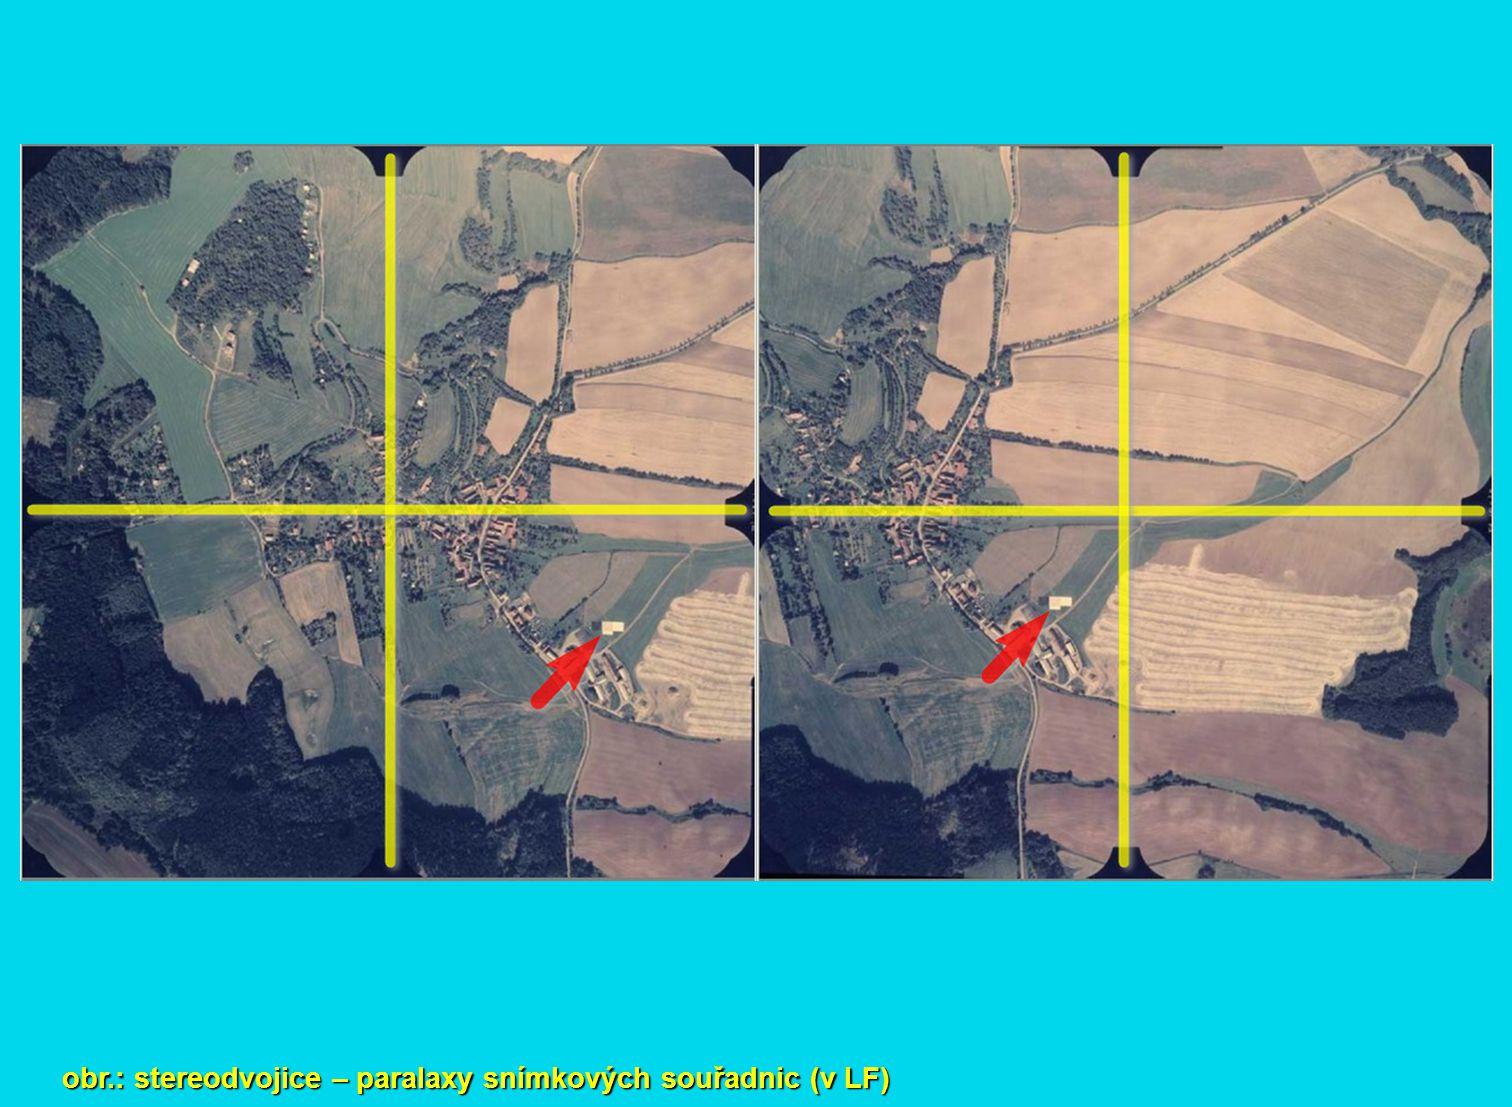 obr.: stereodvojice – paralaxy snímkových souřadnic (v LF)